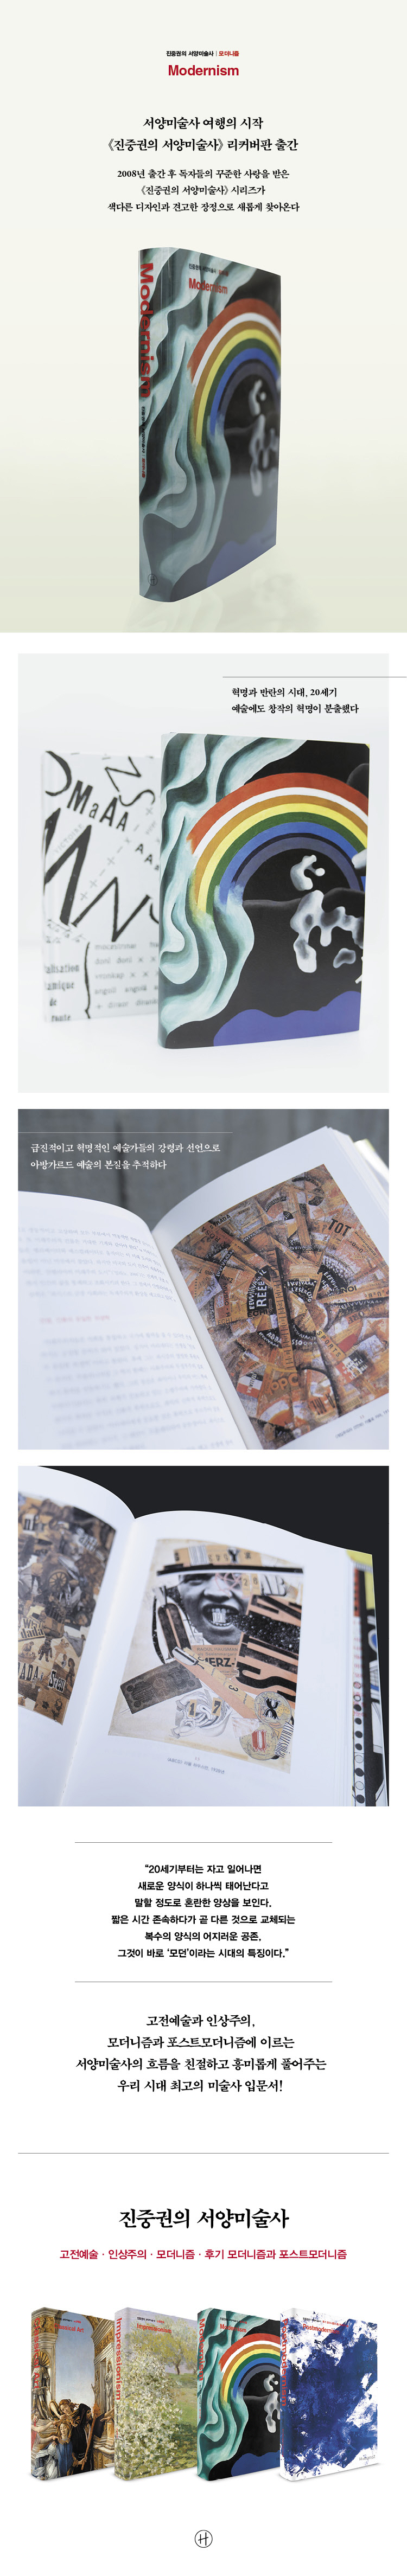 진중권의 서양미술사 모더니즘(리커버판)(양장본 HardCover) 도서 상세이미지